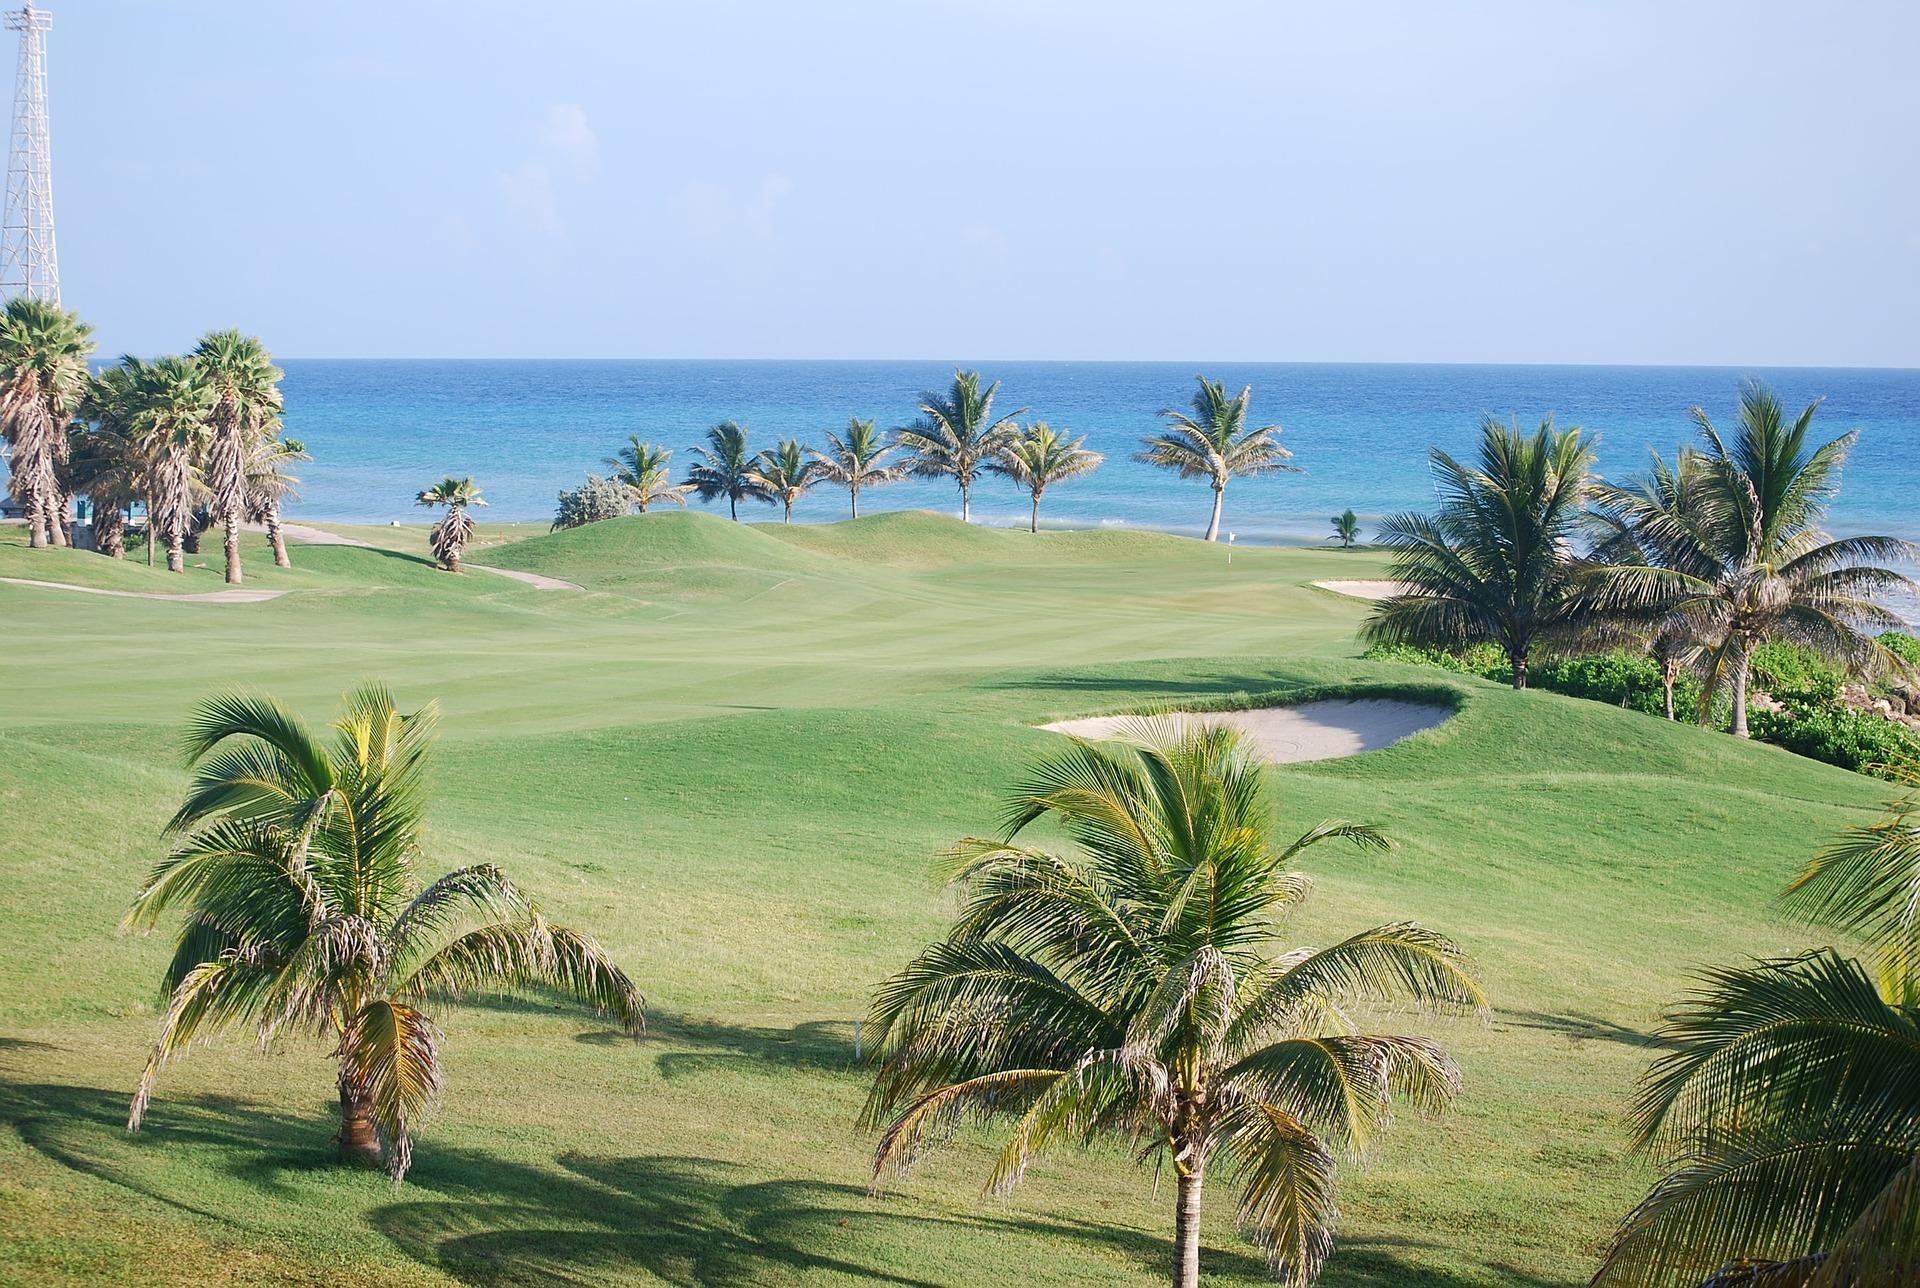 Golf resort in Jamaica